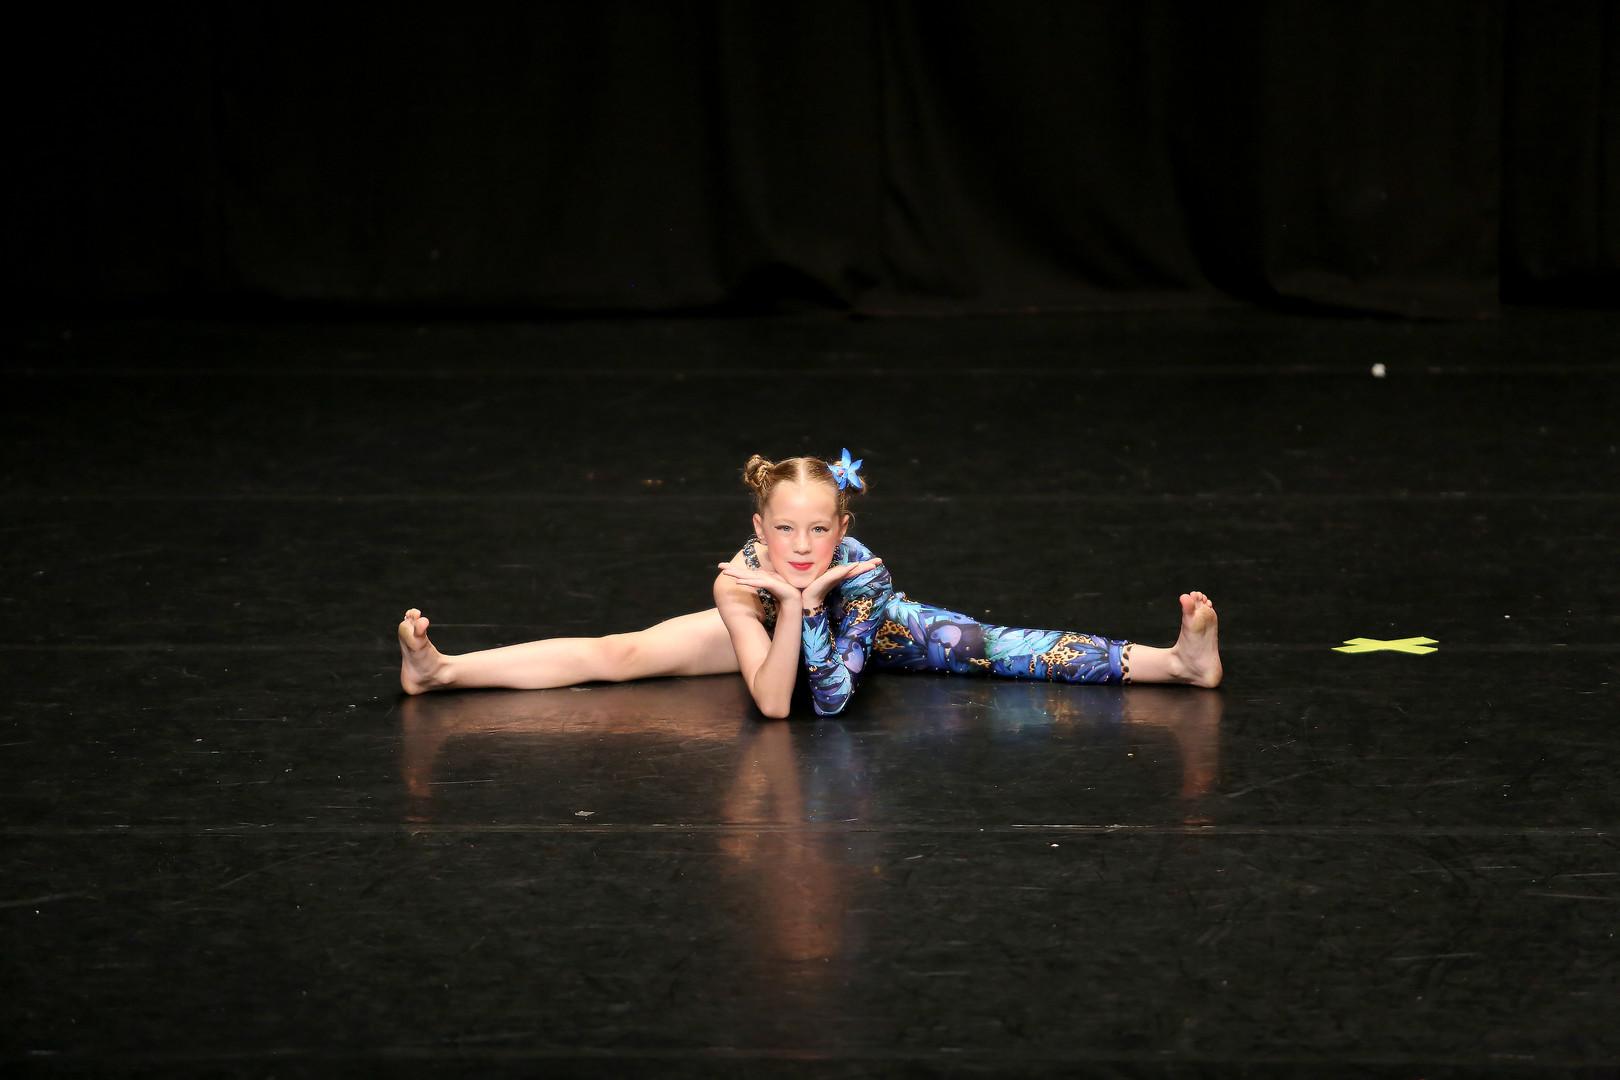 Ava, Age 8